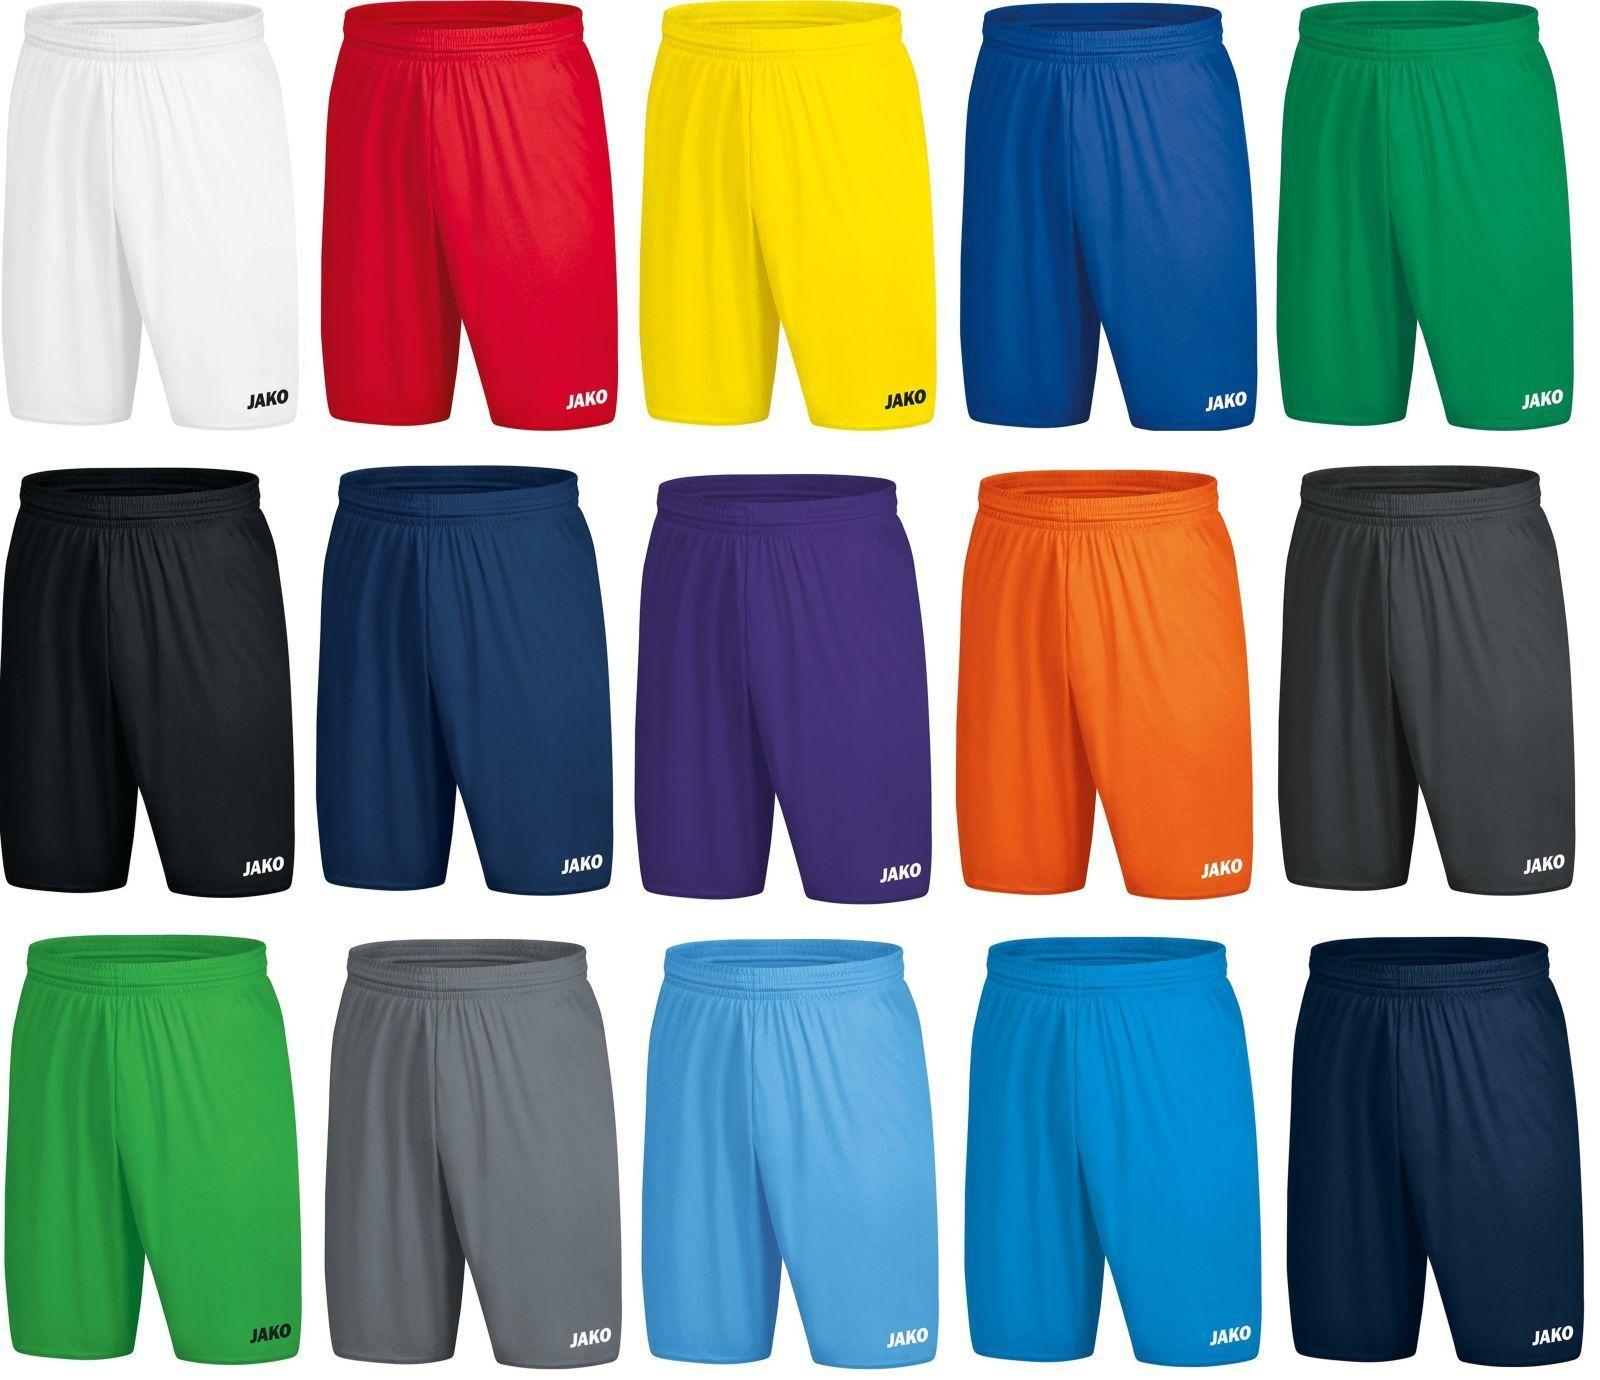 Jako Kinder Sporthose Shorts Short Manchester 2.0 Fußball Gr.104-Gr.164 / 4400